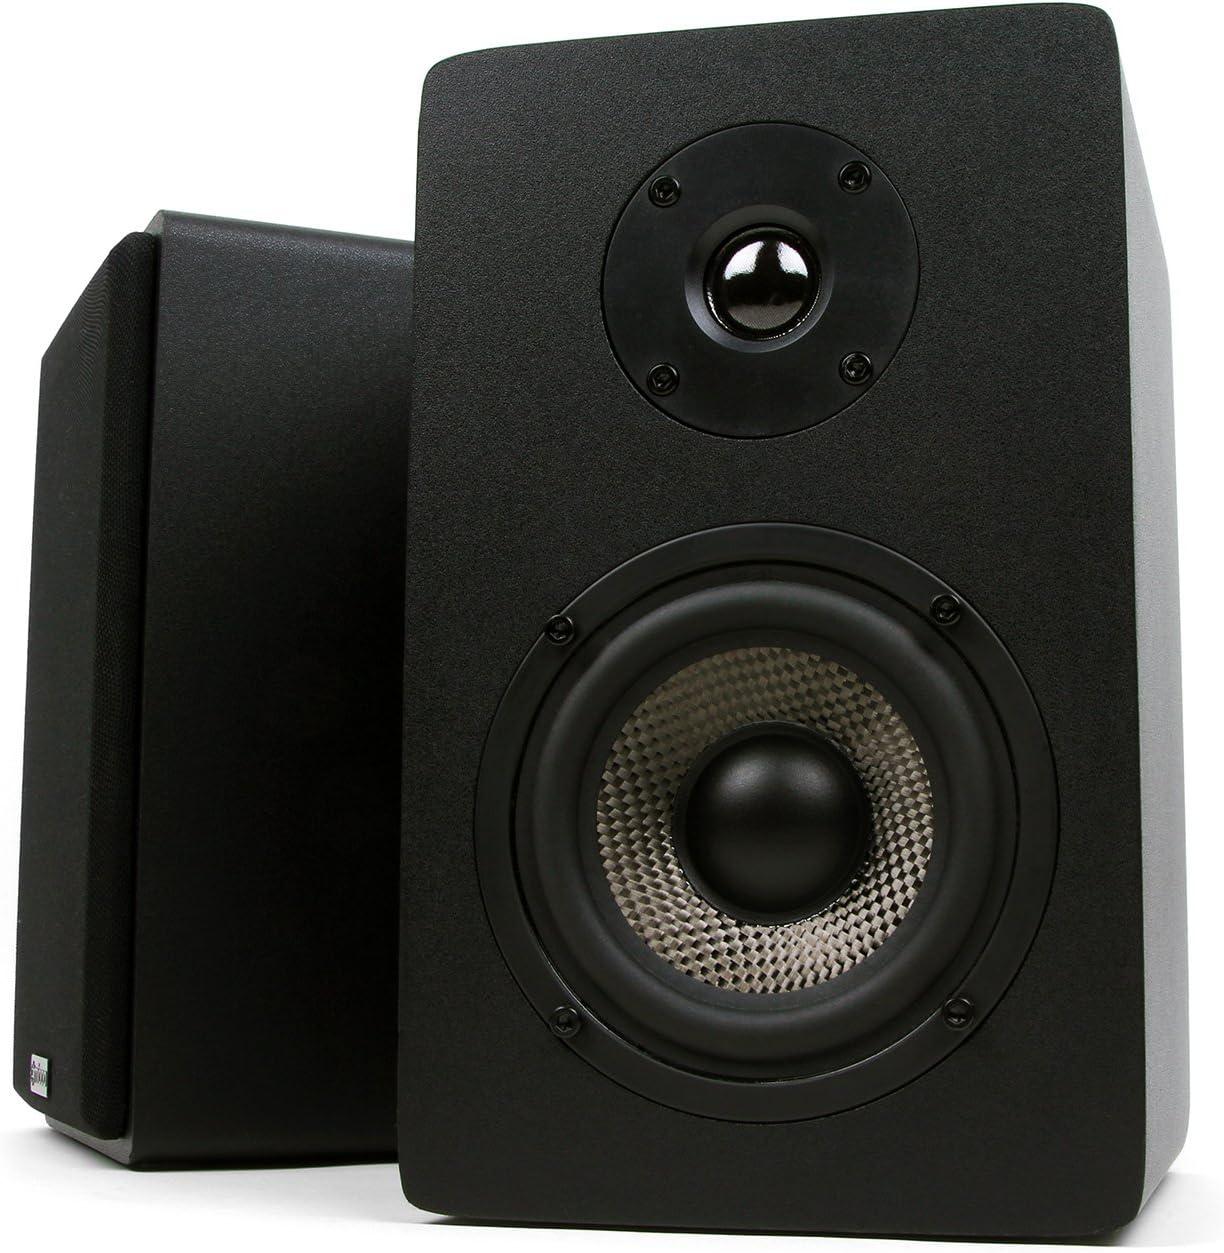 1. Micca MB42X Bookshelf Speakers